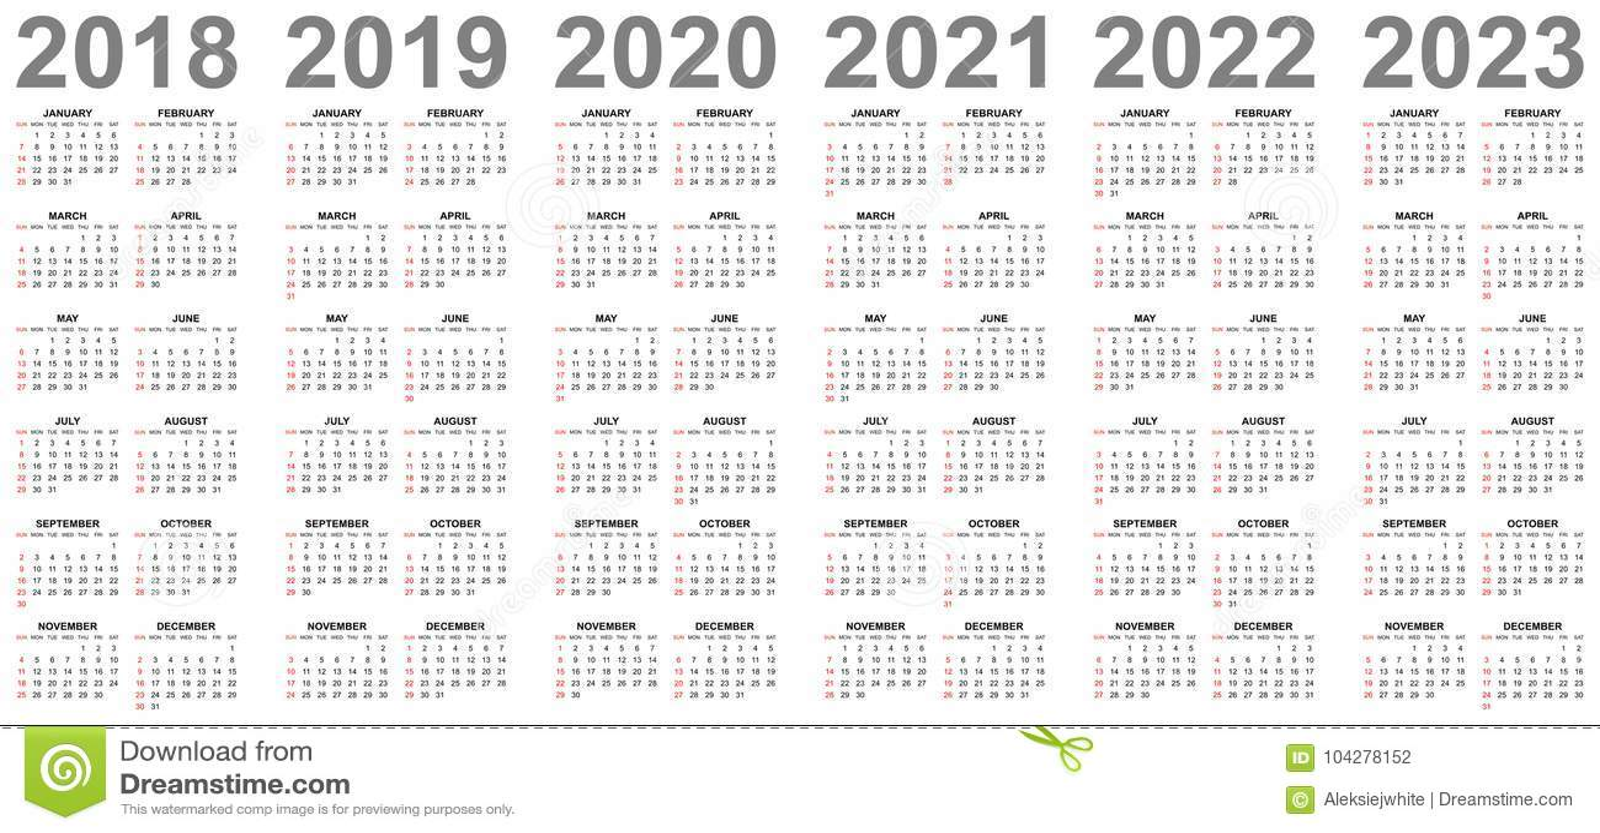 Calendario Del Ano 2020 En Colombia.Calendarios Simples Por Anos 2018 2019 2020 2021 2022